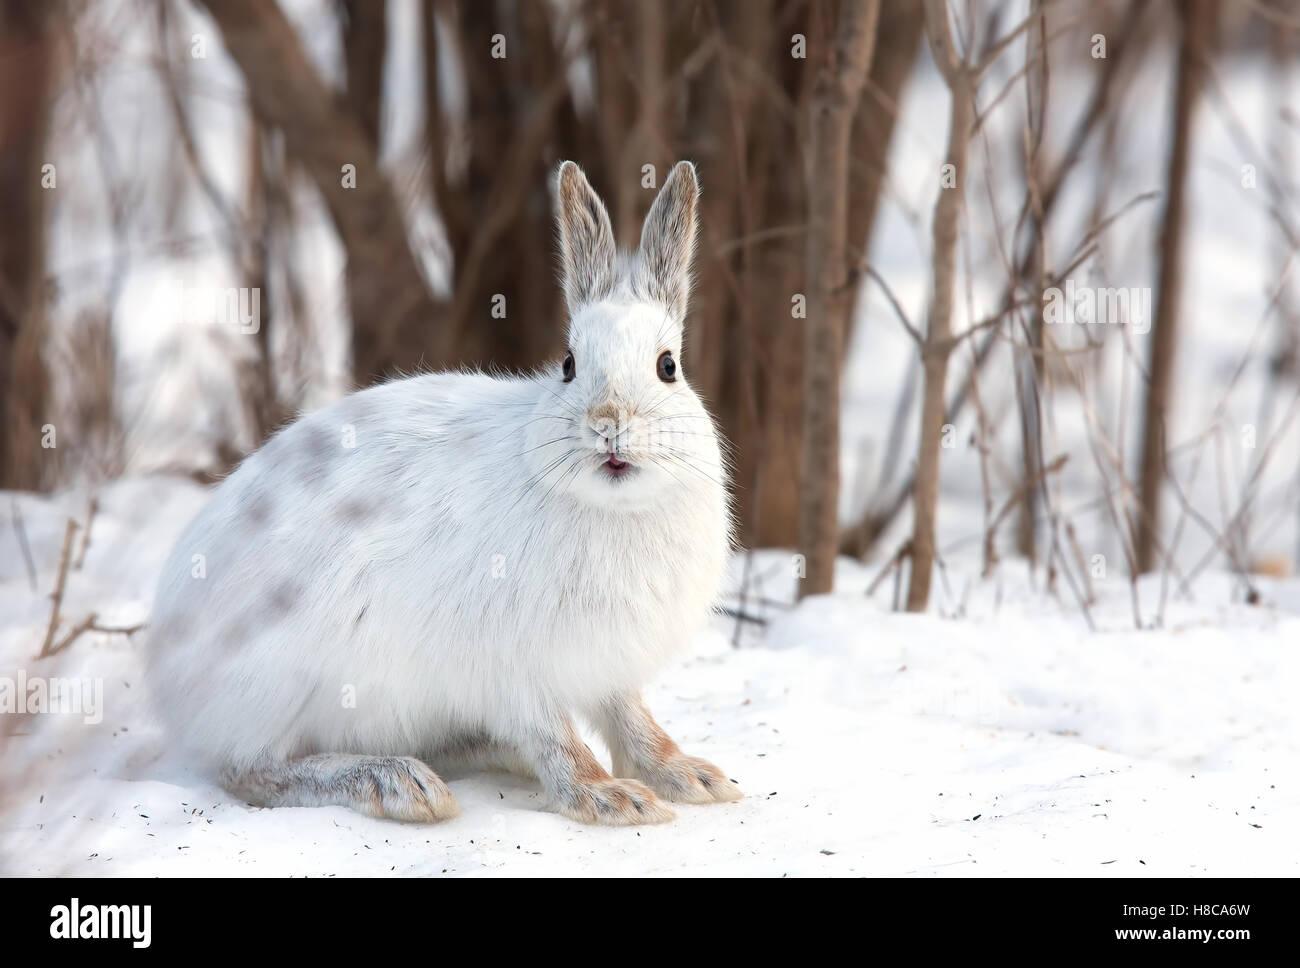 Escursioni con le racchette da neve o lepre variabile lepre (Lepus americanus) in inverno in Canada Immagini Stock